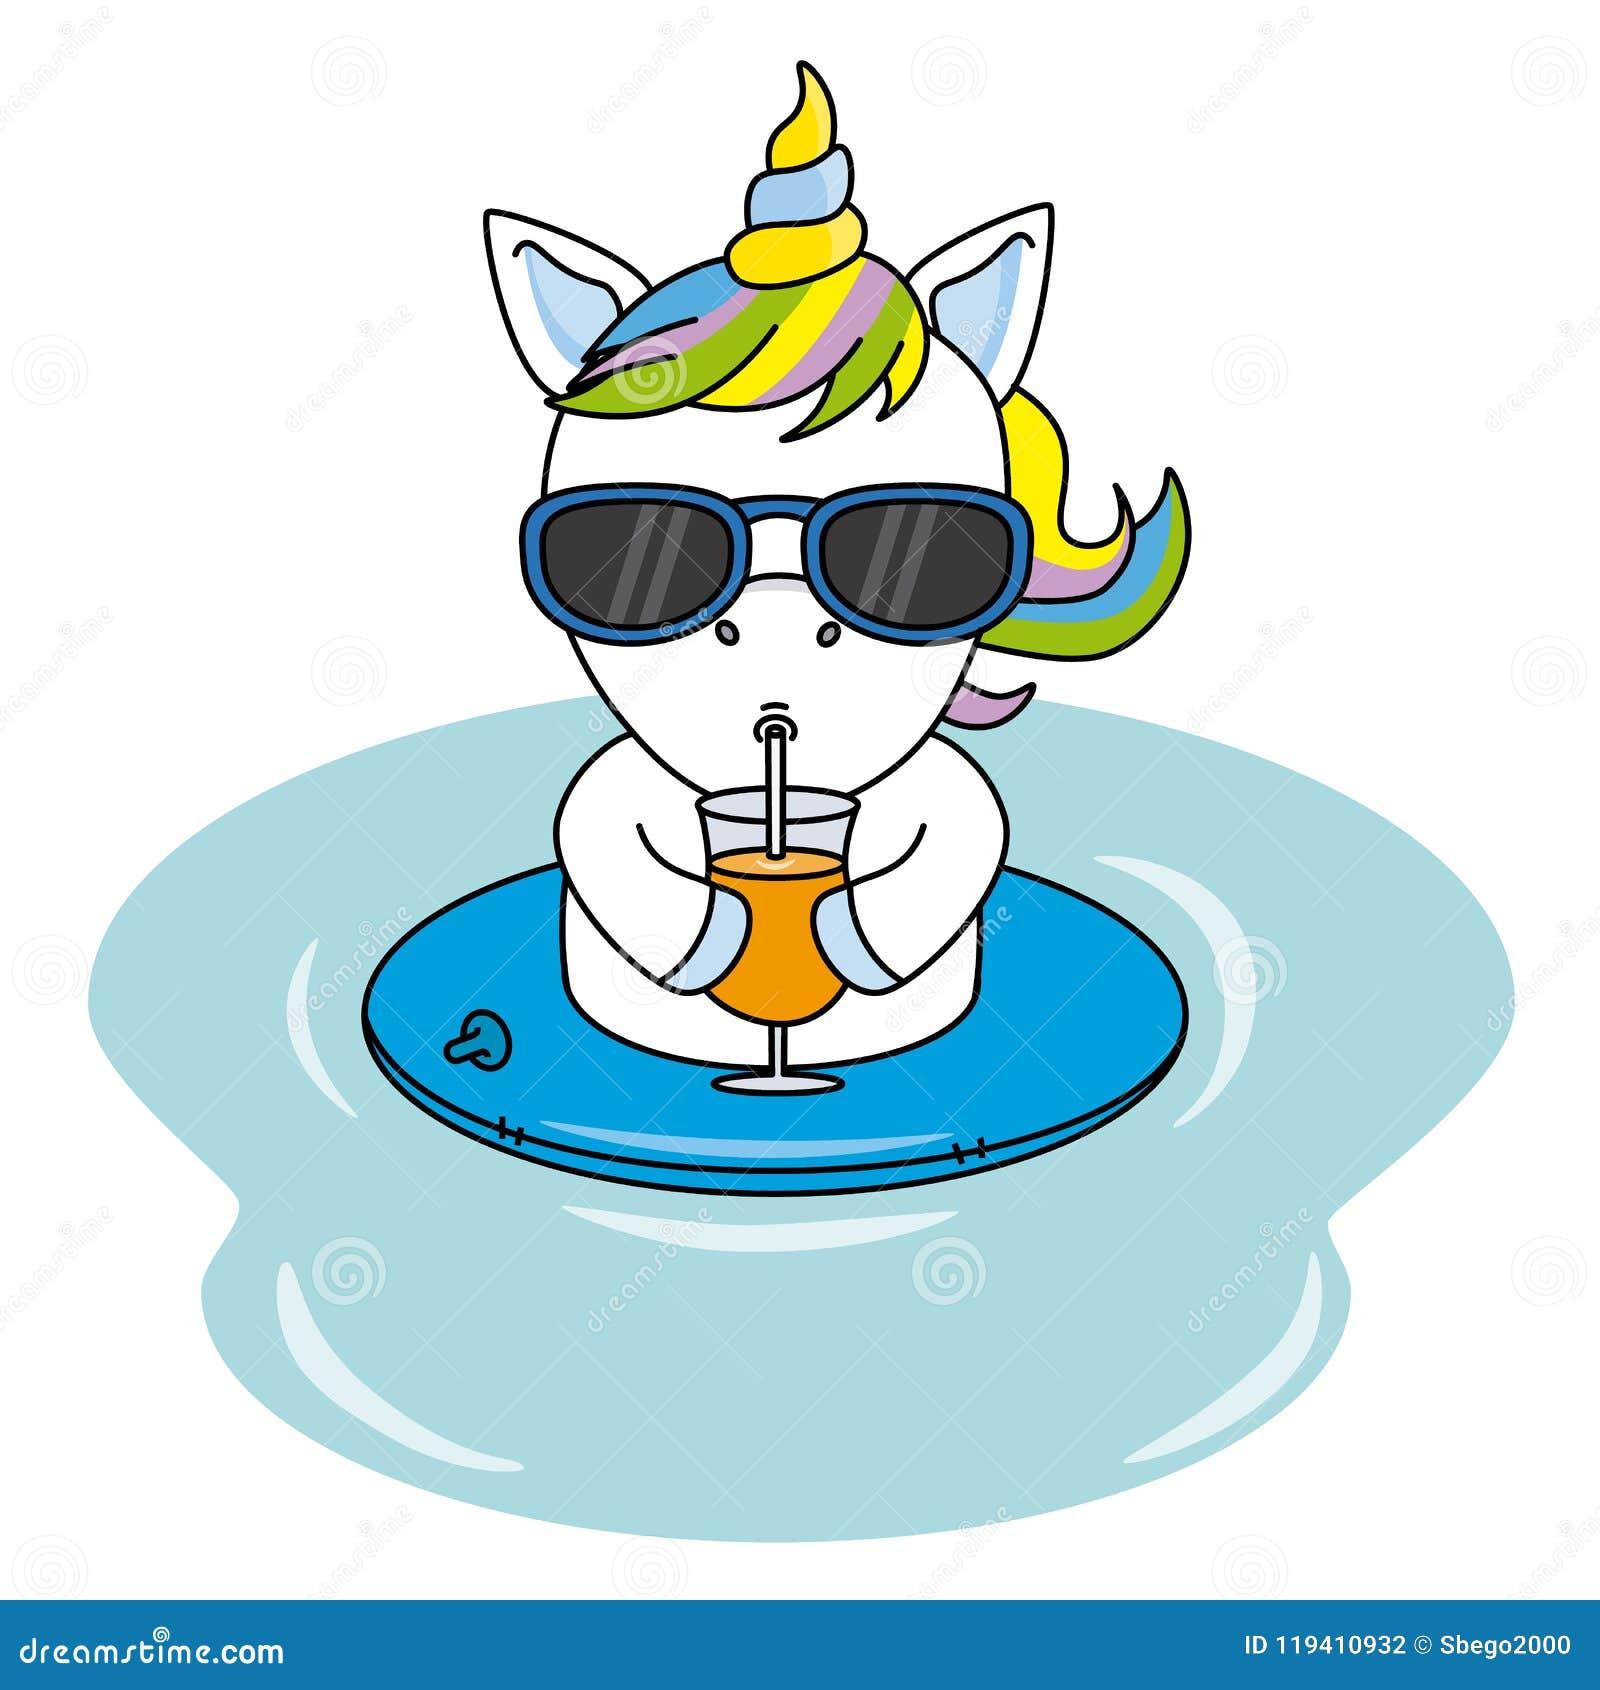 La Con Gafas De Jugo Fresco Un Unicornio Consumición Las Sol Y rxWBoedC